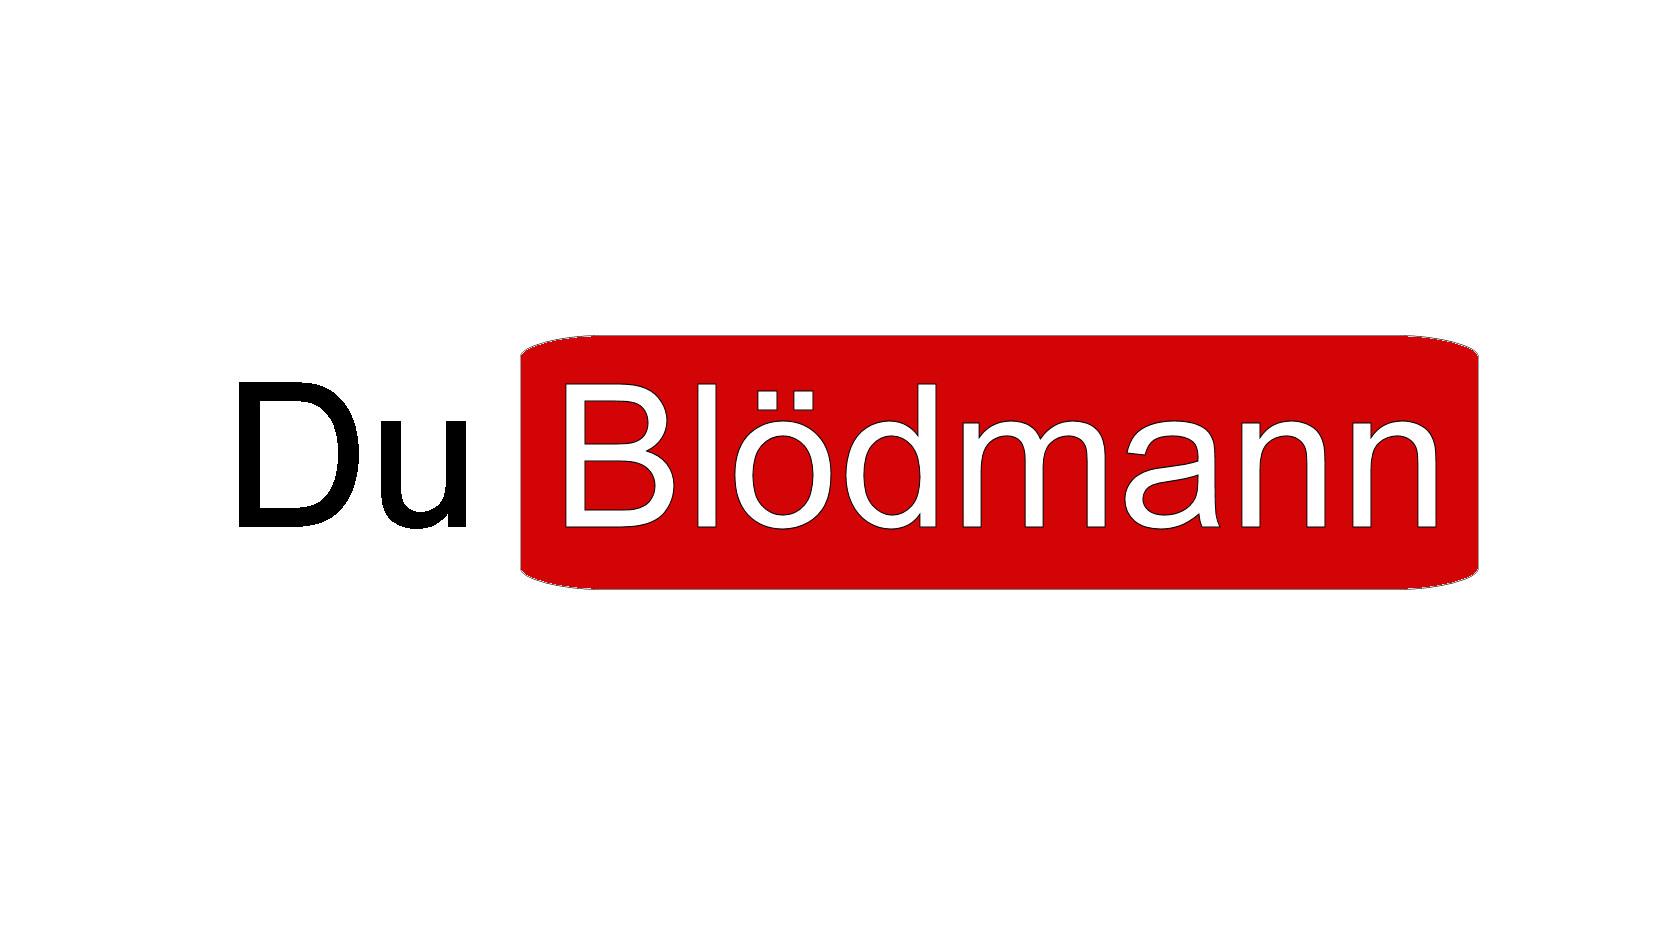 YouTube - 'DuBlödmann' macht auch viel mehr Sinn als 'DuRohr' oder 'DuKanal'